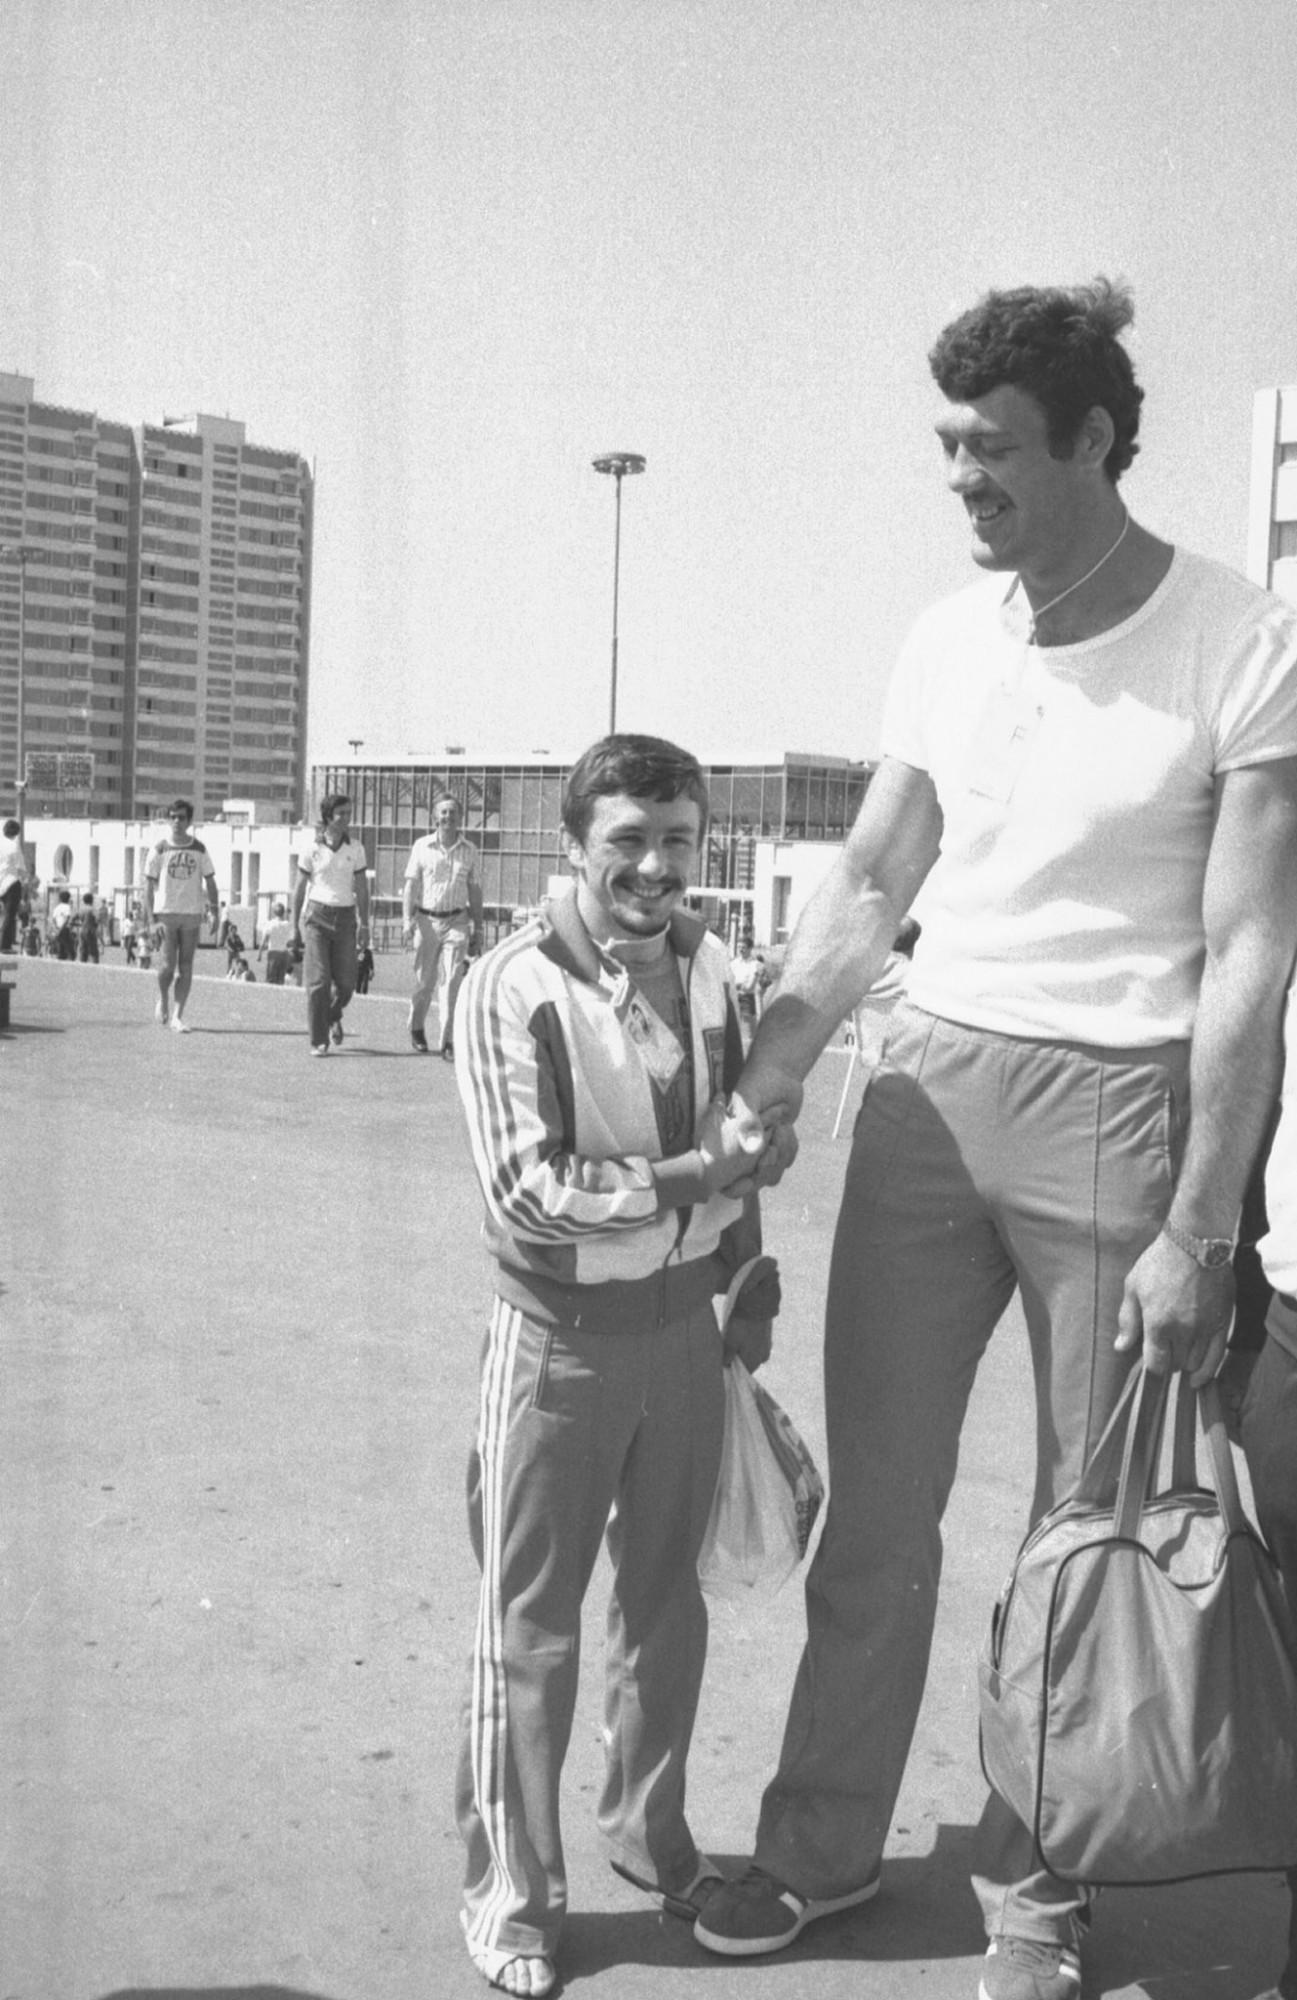 Польские спортсмены Ян Фаландис и Адам Сандурски в олимпийской деревне в Москве в 1980 году